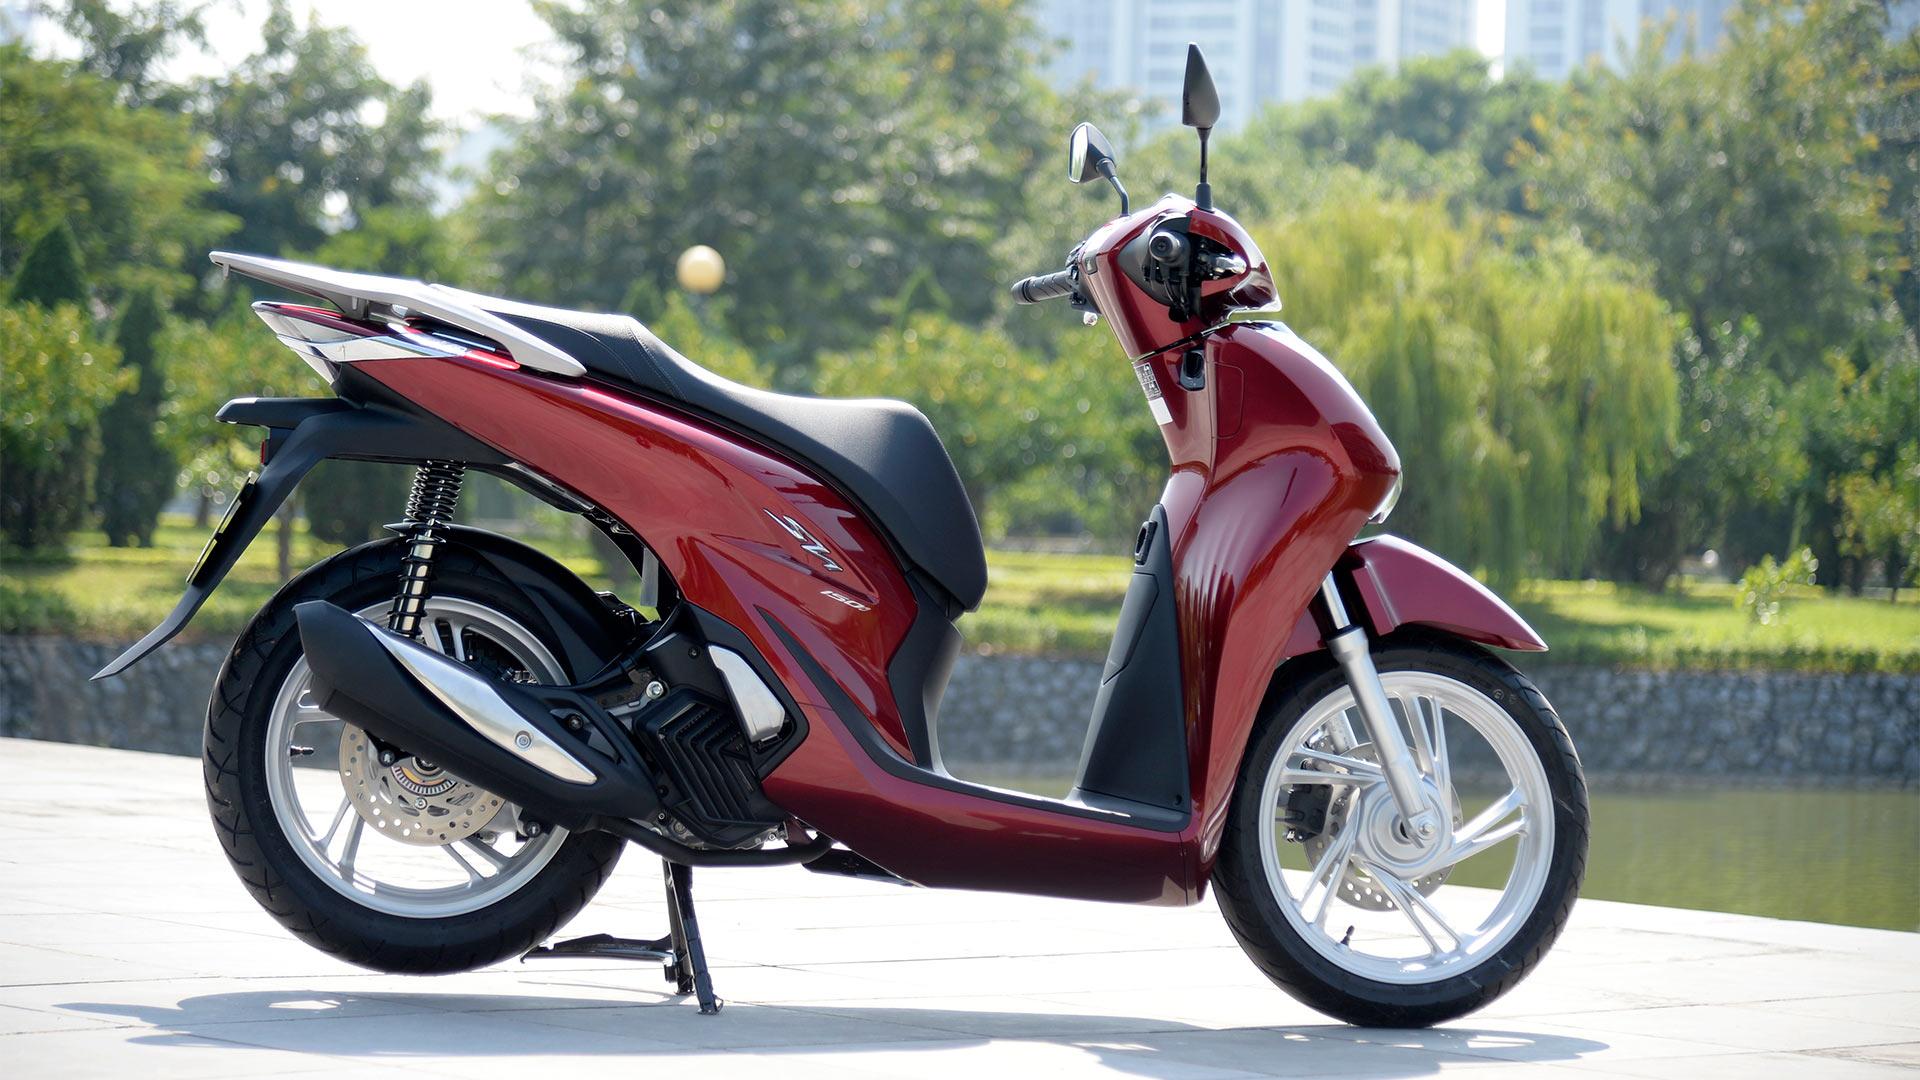 Honda công bố ngày chính thức bán SH 150i 2020 tại Việt Nam - 2